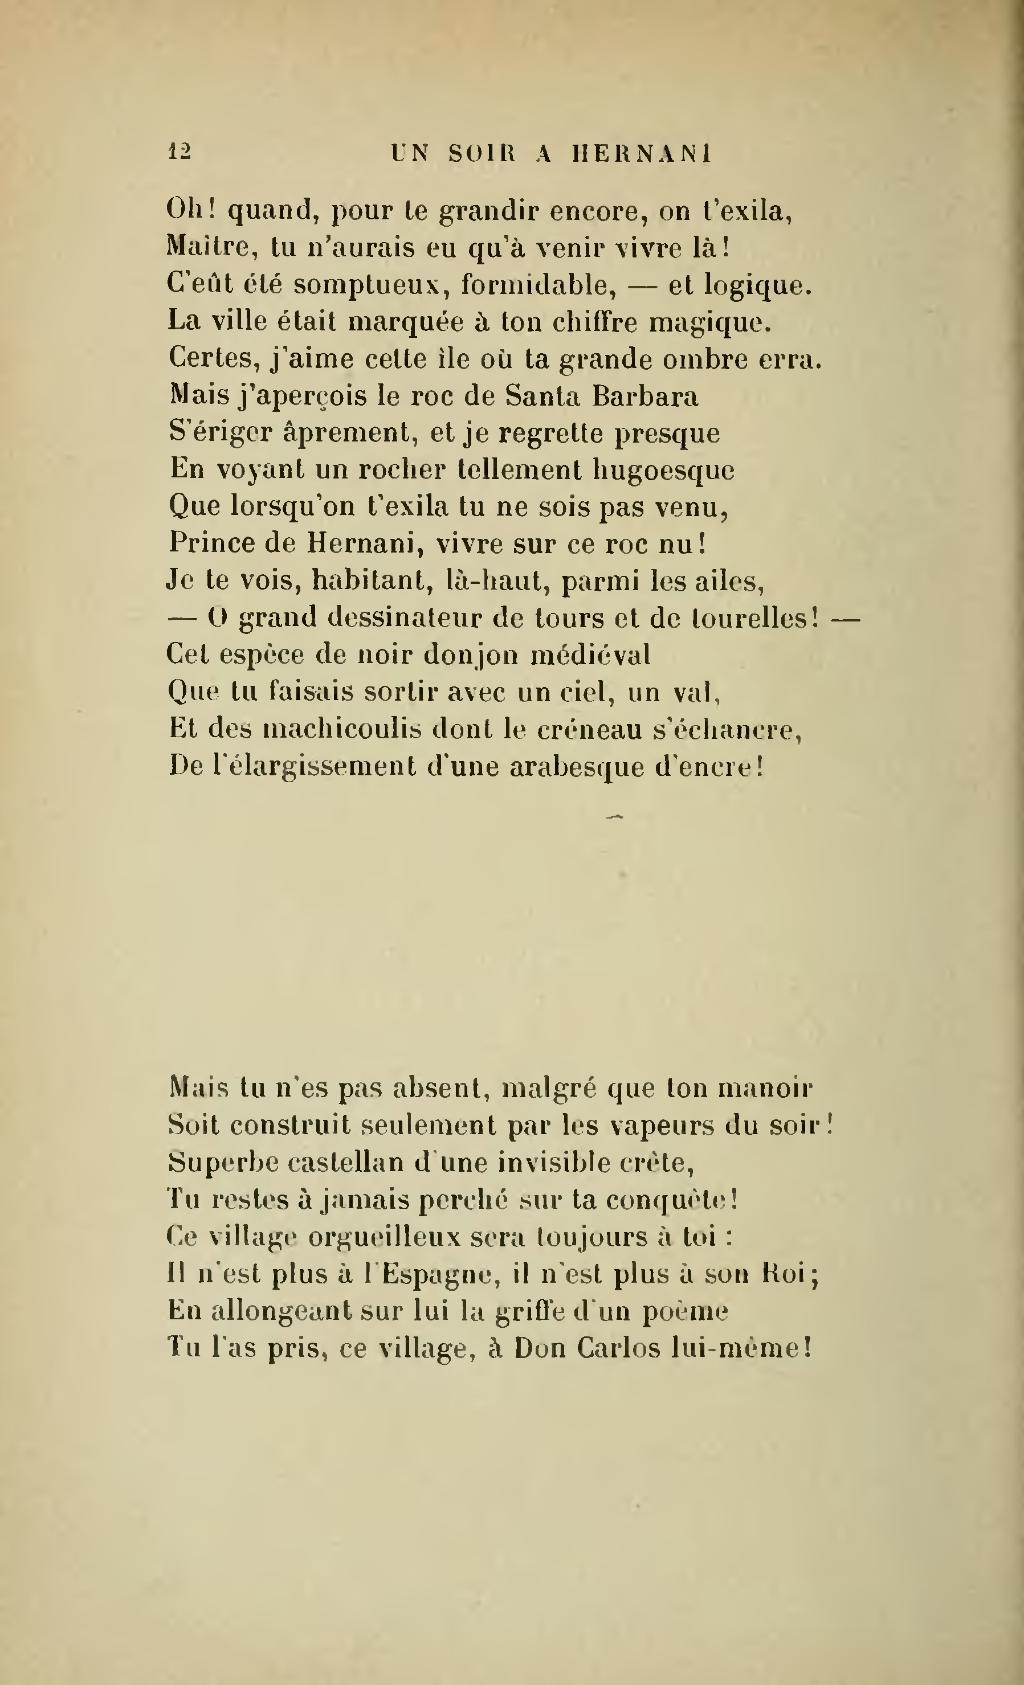 Pagerostand Un Soir à Hernani 1902djvu22 Wikisource